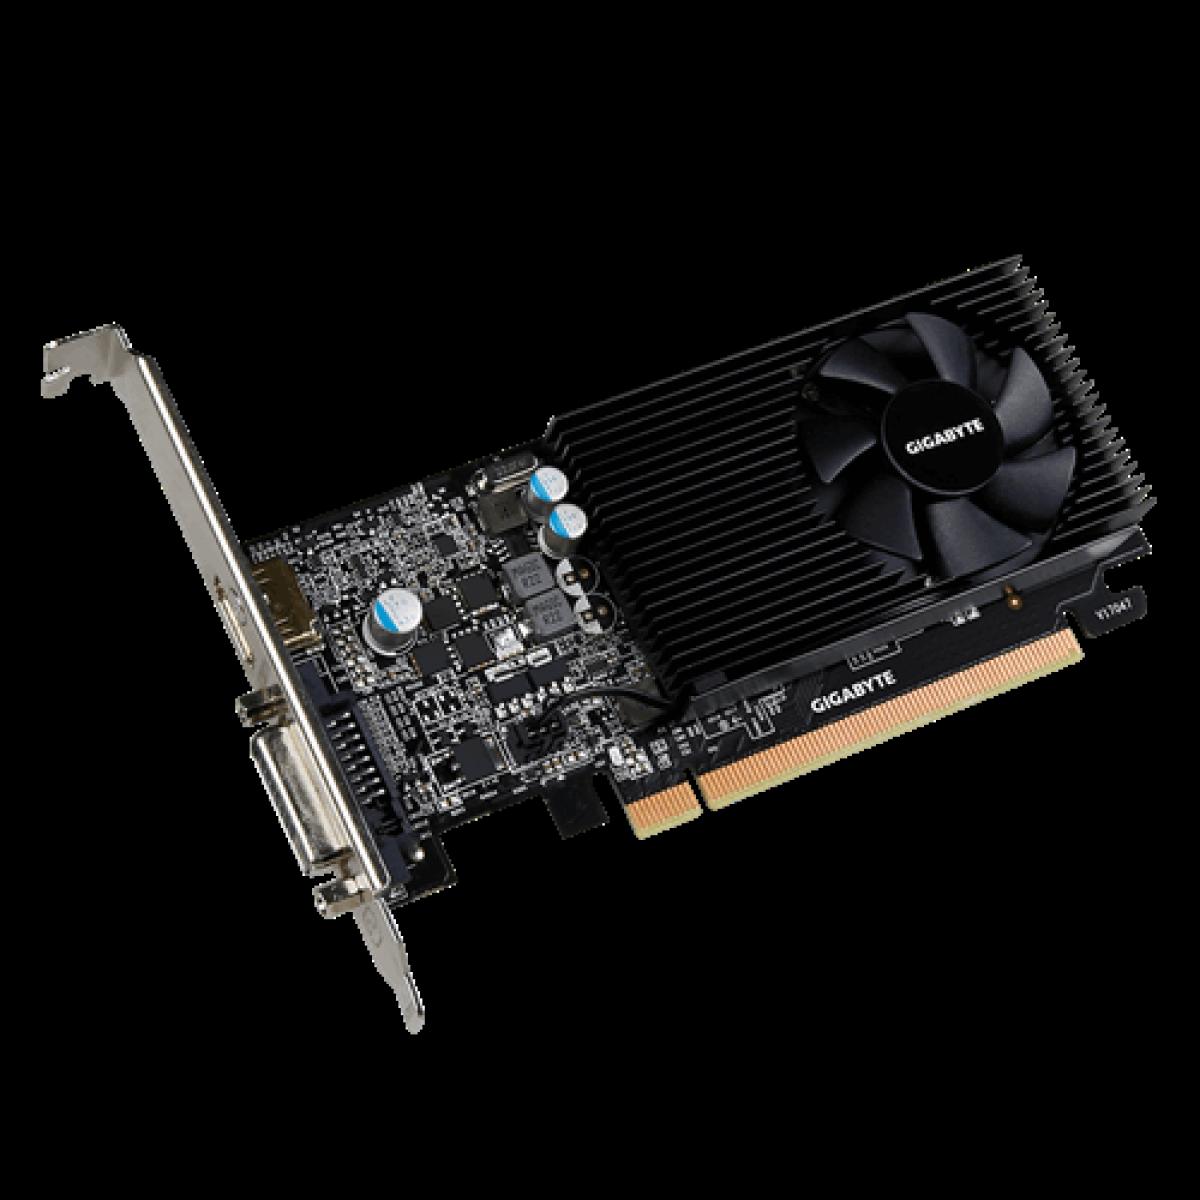 Placa de Vídeo Gigabyte GeForce GT 1030, 2GB, GDDR5, 64bit, GV-N1030D5-2GL